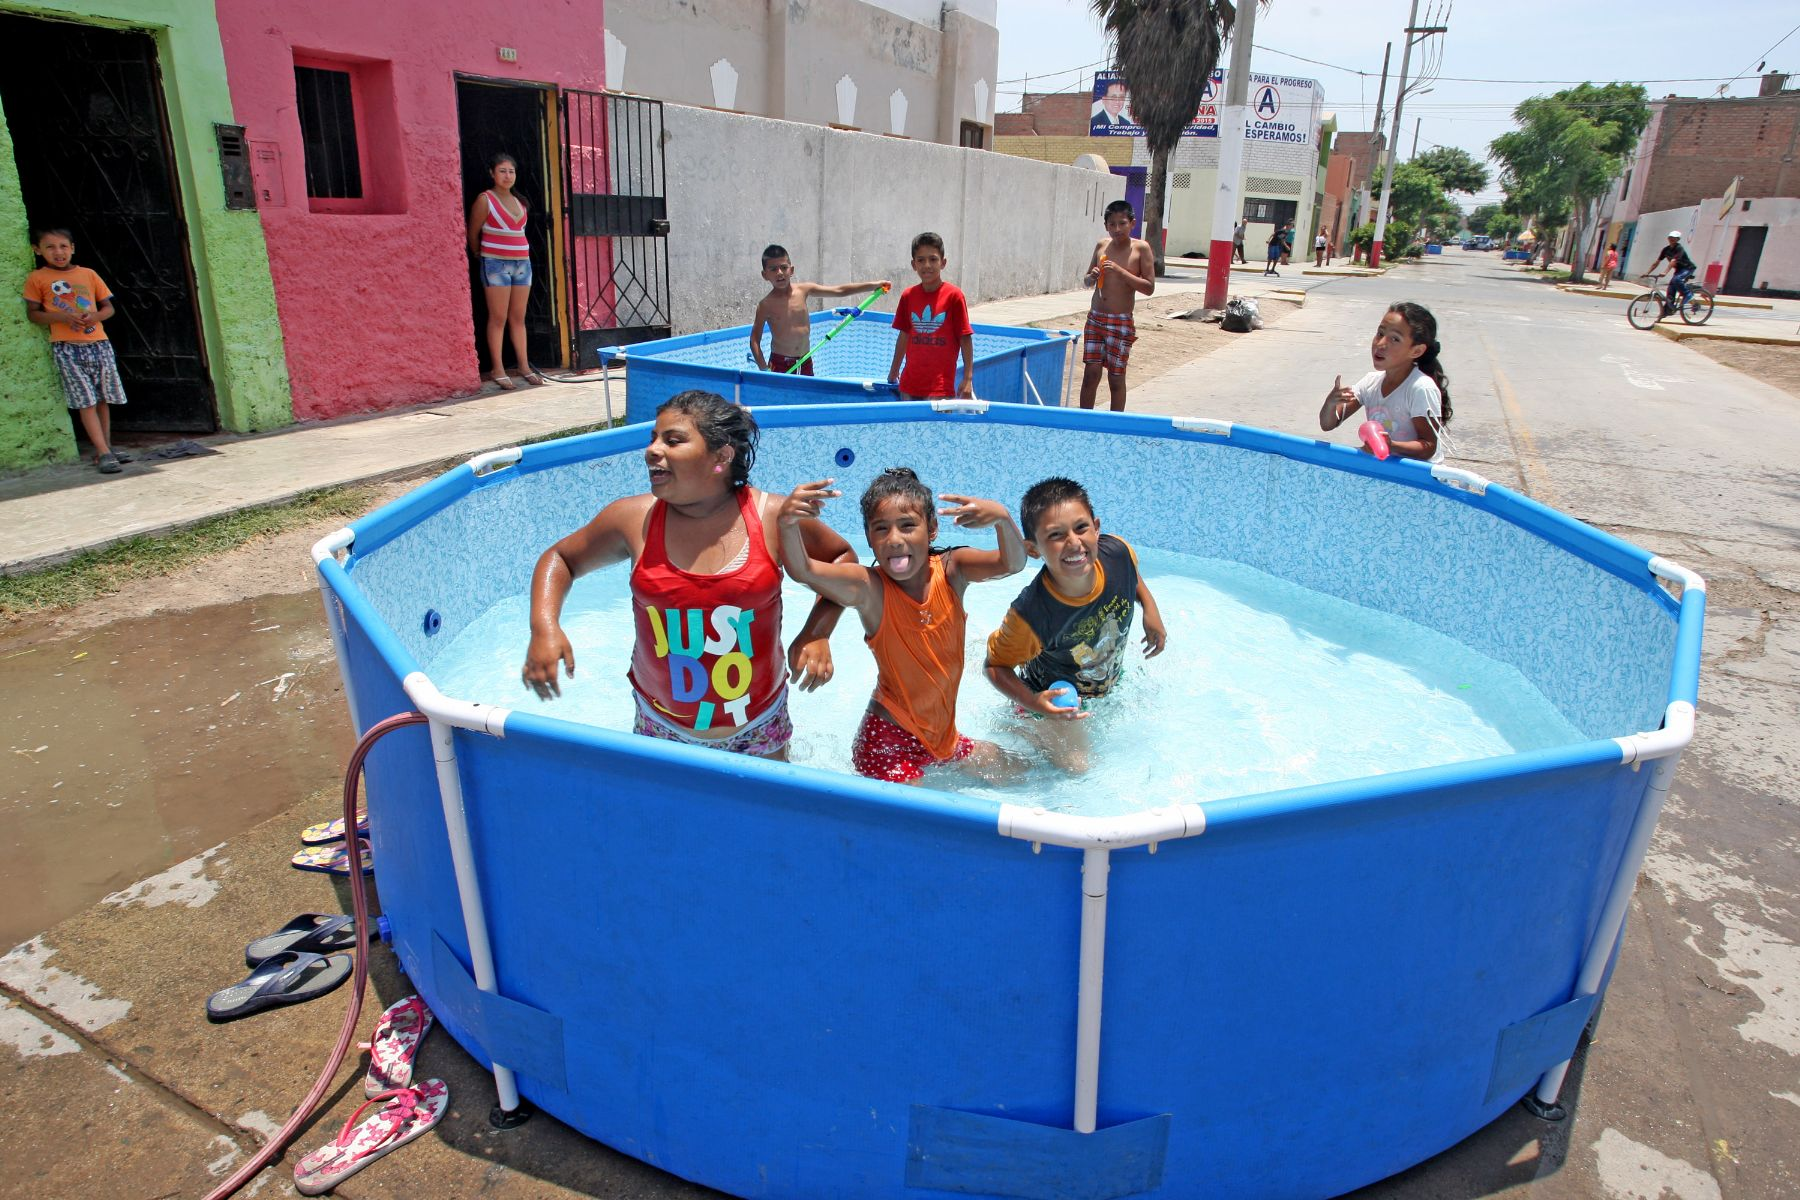 uso de piscinas armables y conexiones clandestinas agravan